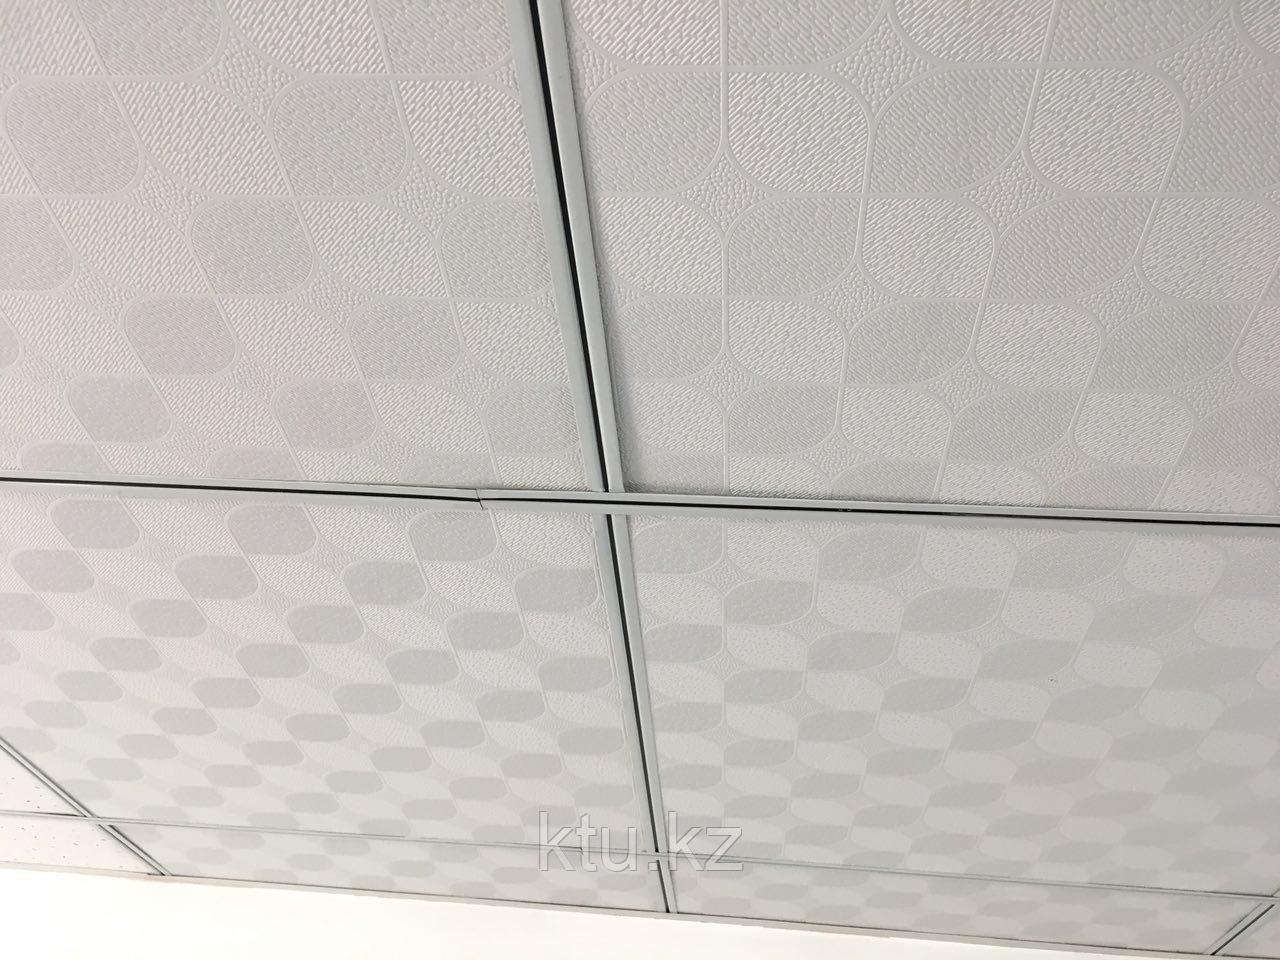 Подвесной потолок моющий c комплектующими